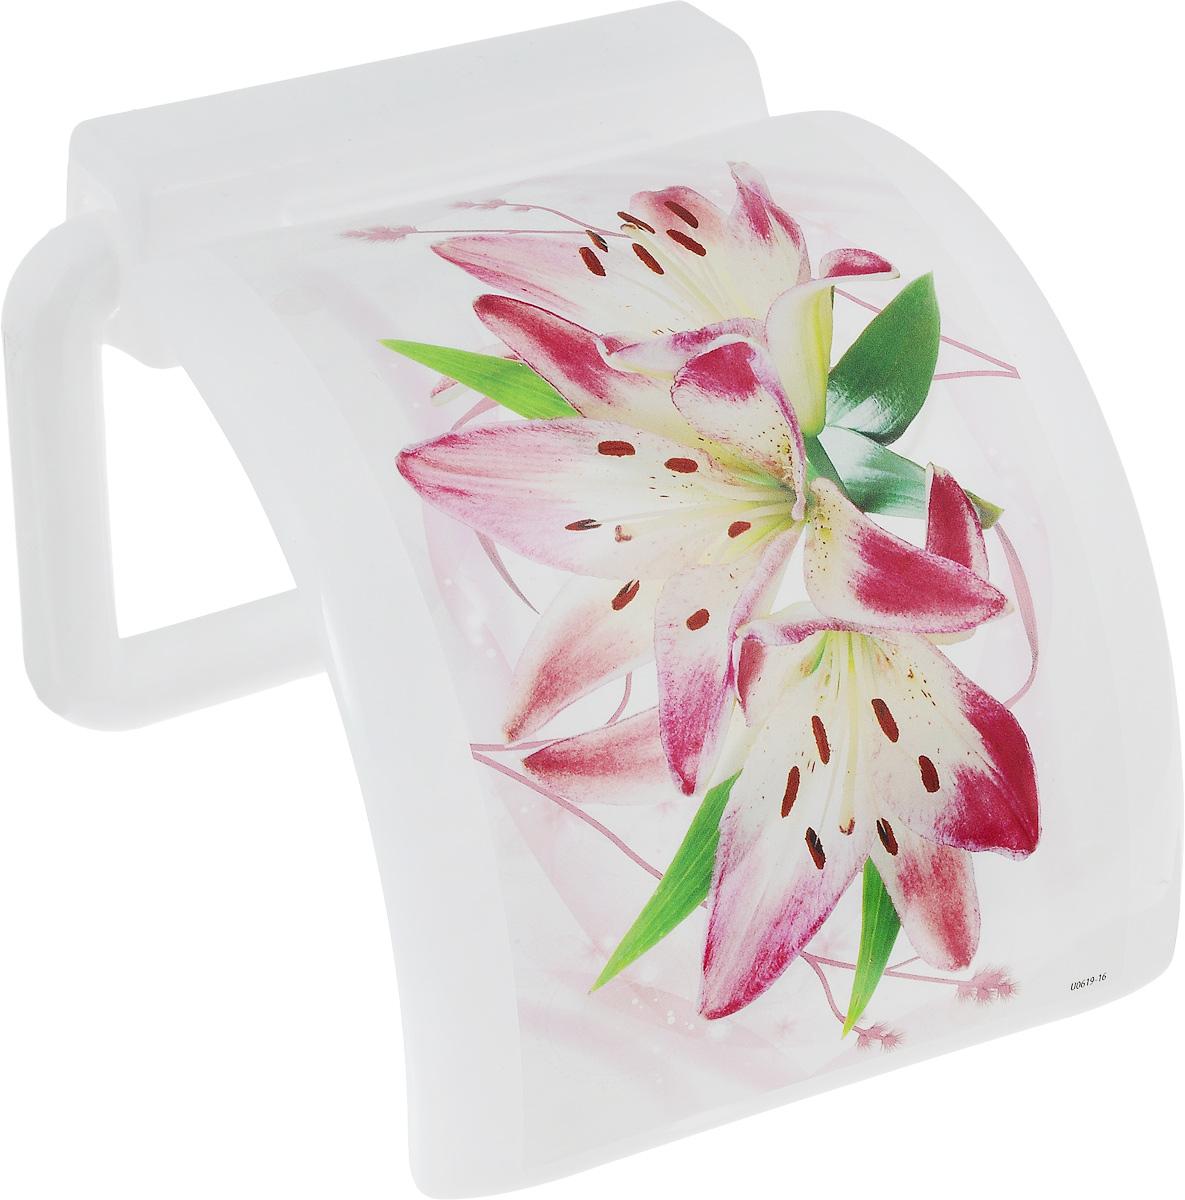 Держатель для туалетной бумаги Idea Деко. Лилия, с крышкой, цвет: белый, розовый, зеленый держатель для книг 14 х 9 х 22 см